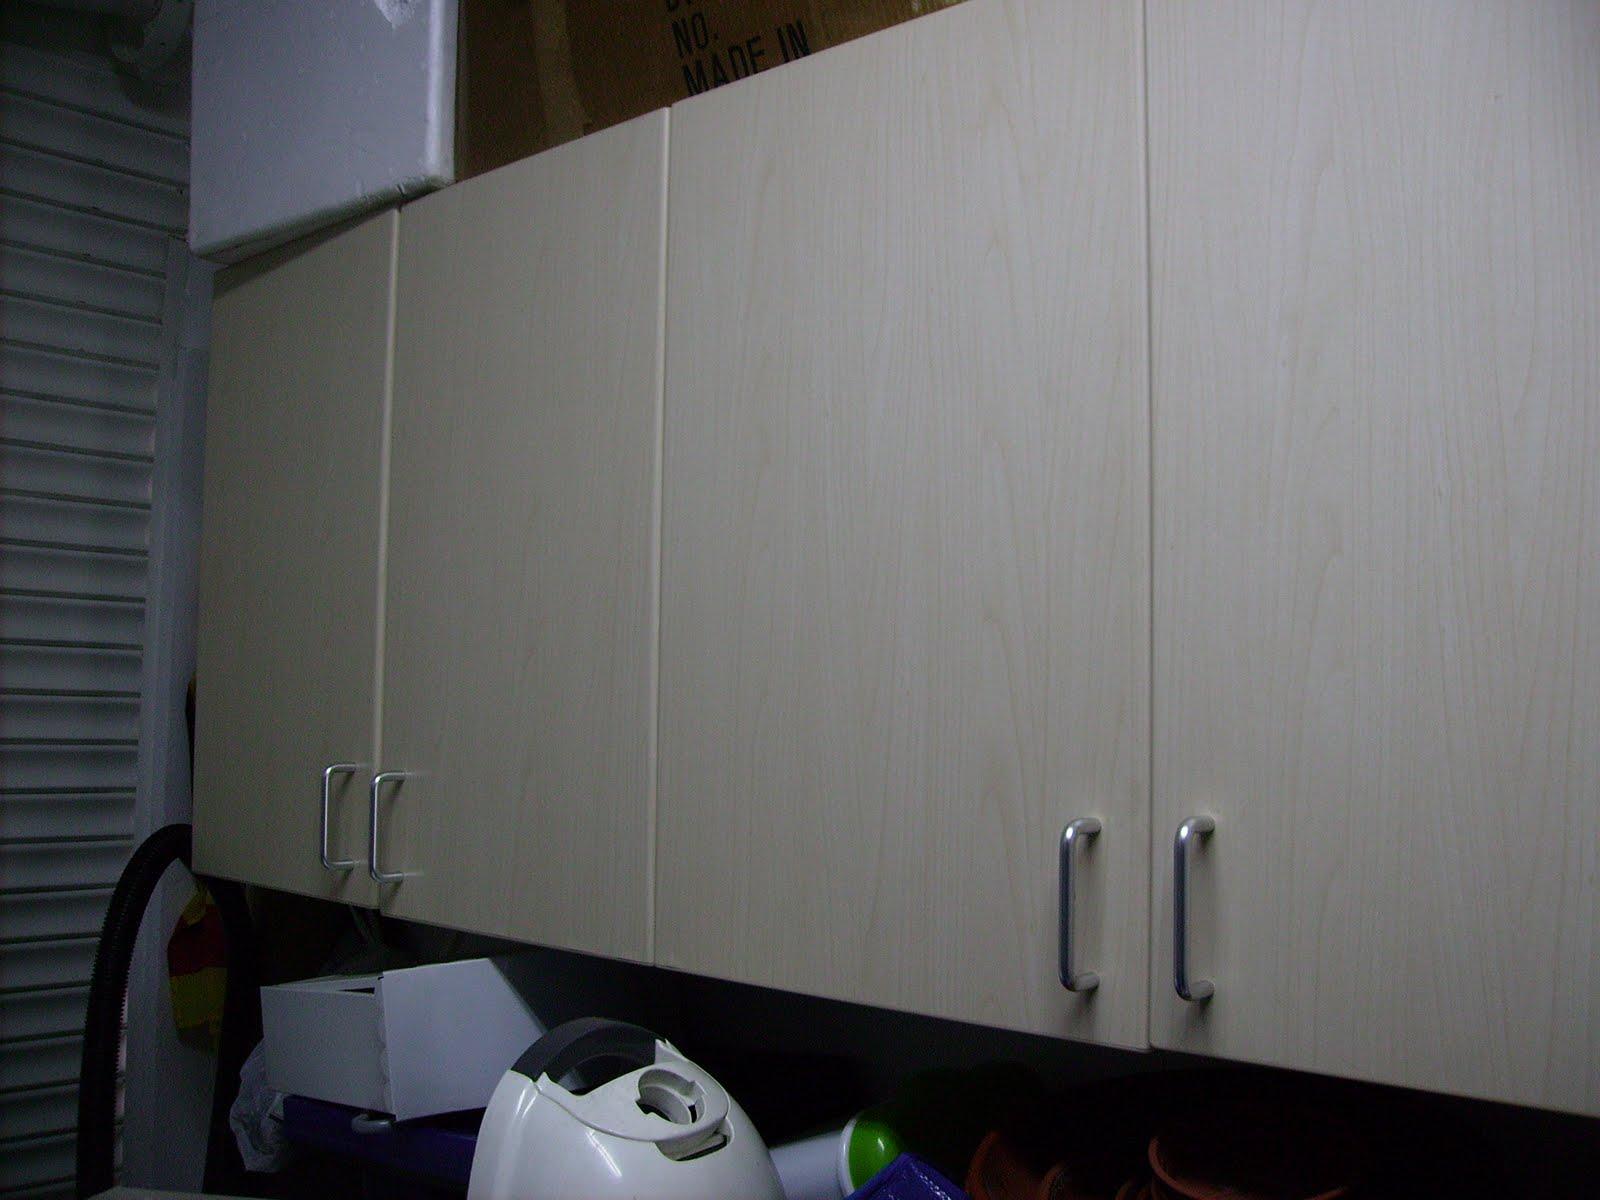 Segunda eleccion mueble almacenaje - Mueble de almacenaje ...